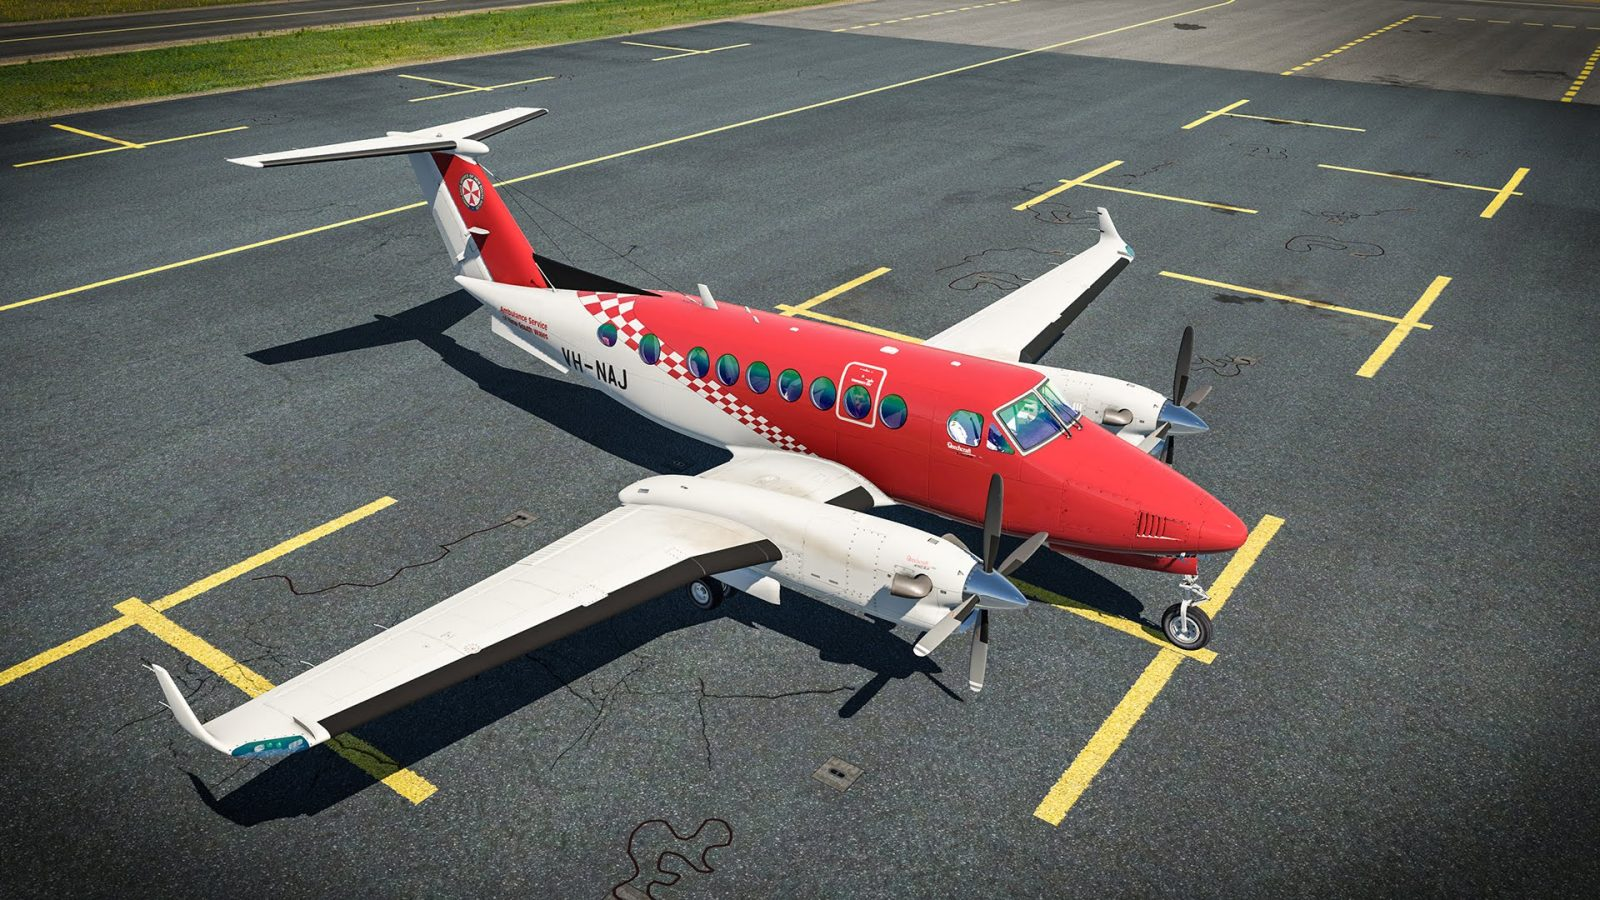 airfoillabs-king-air-350-35-1600x900.jpg